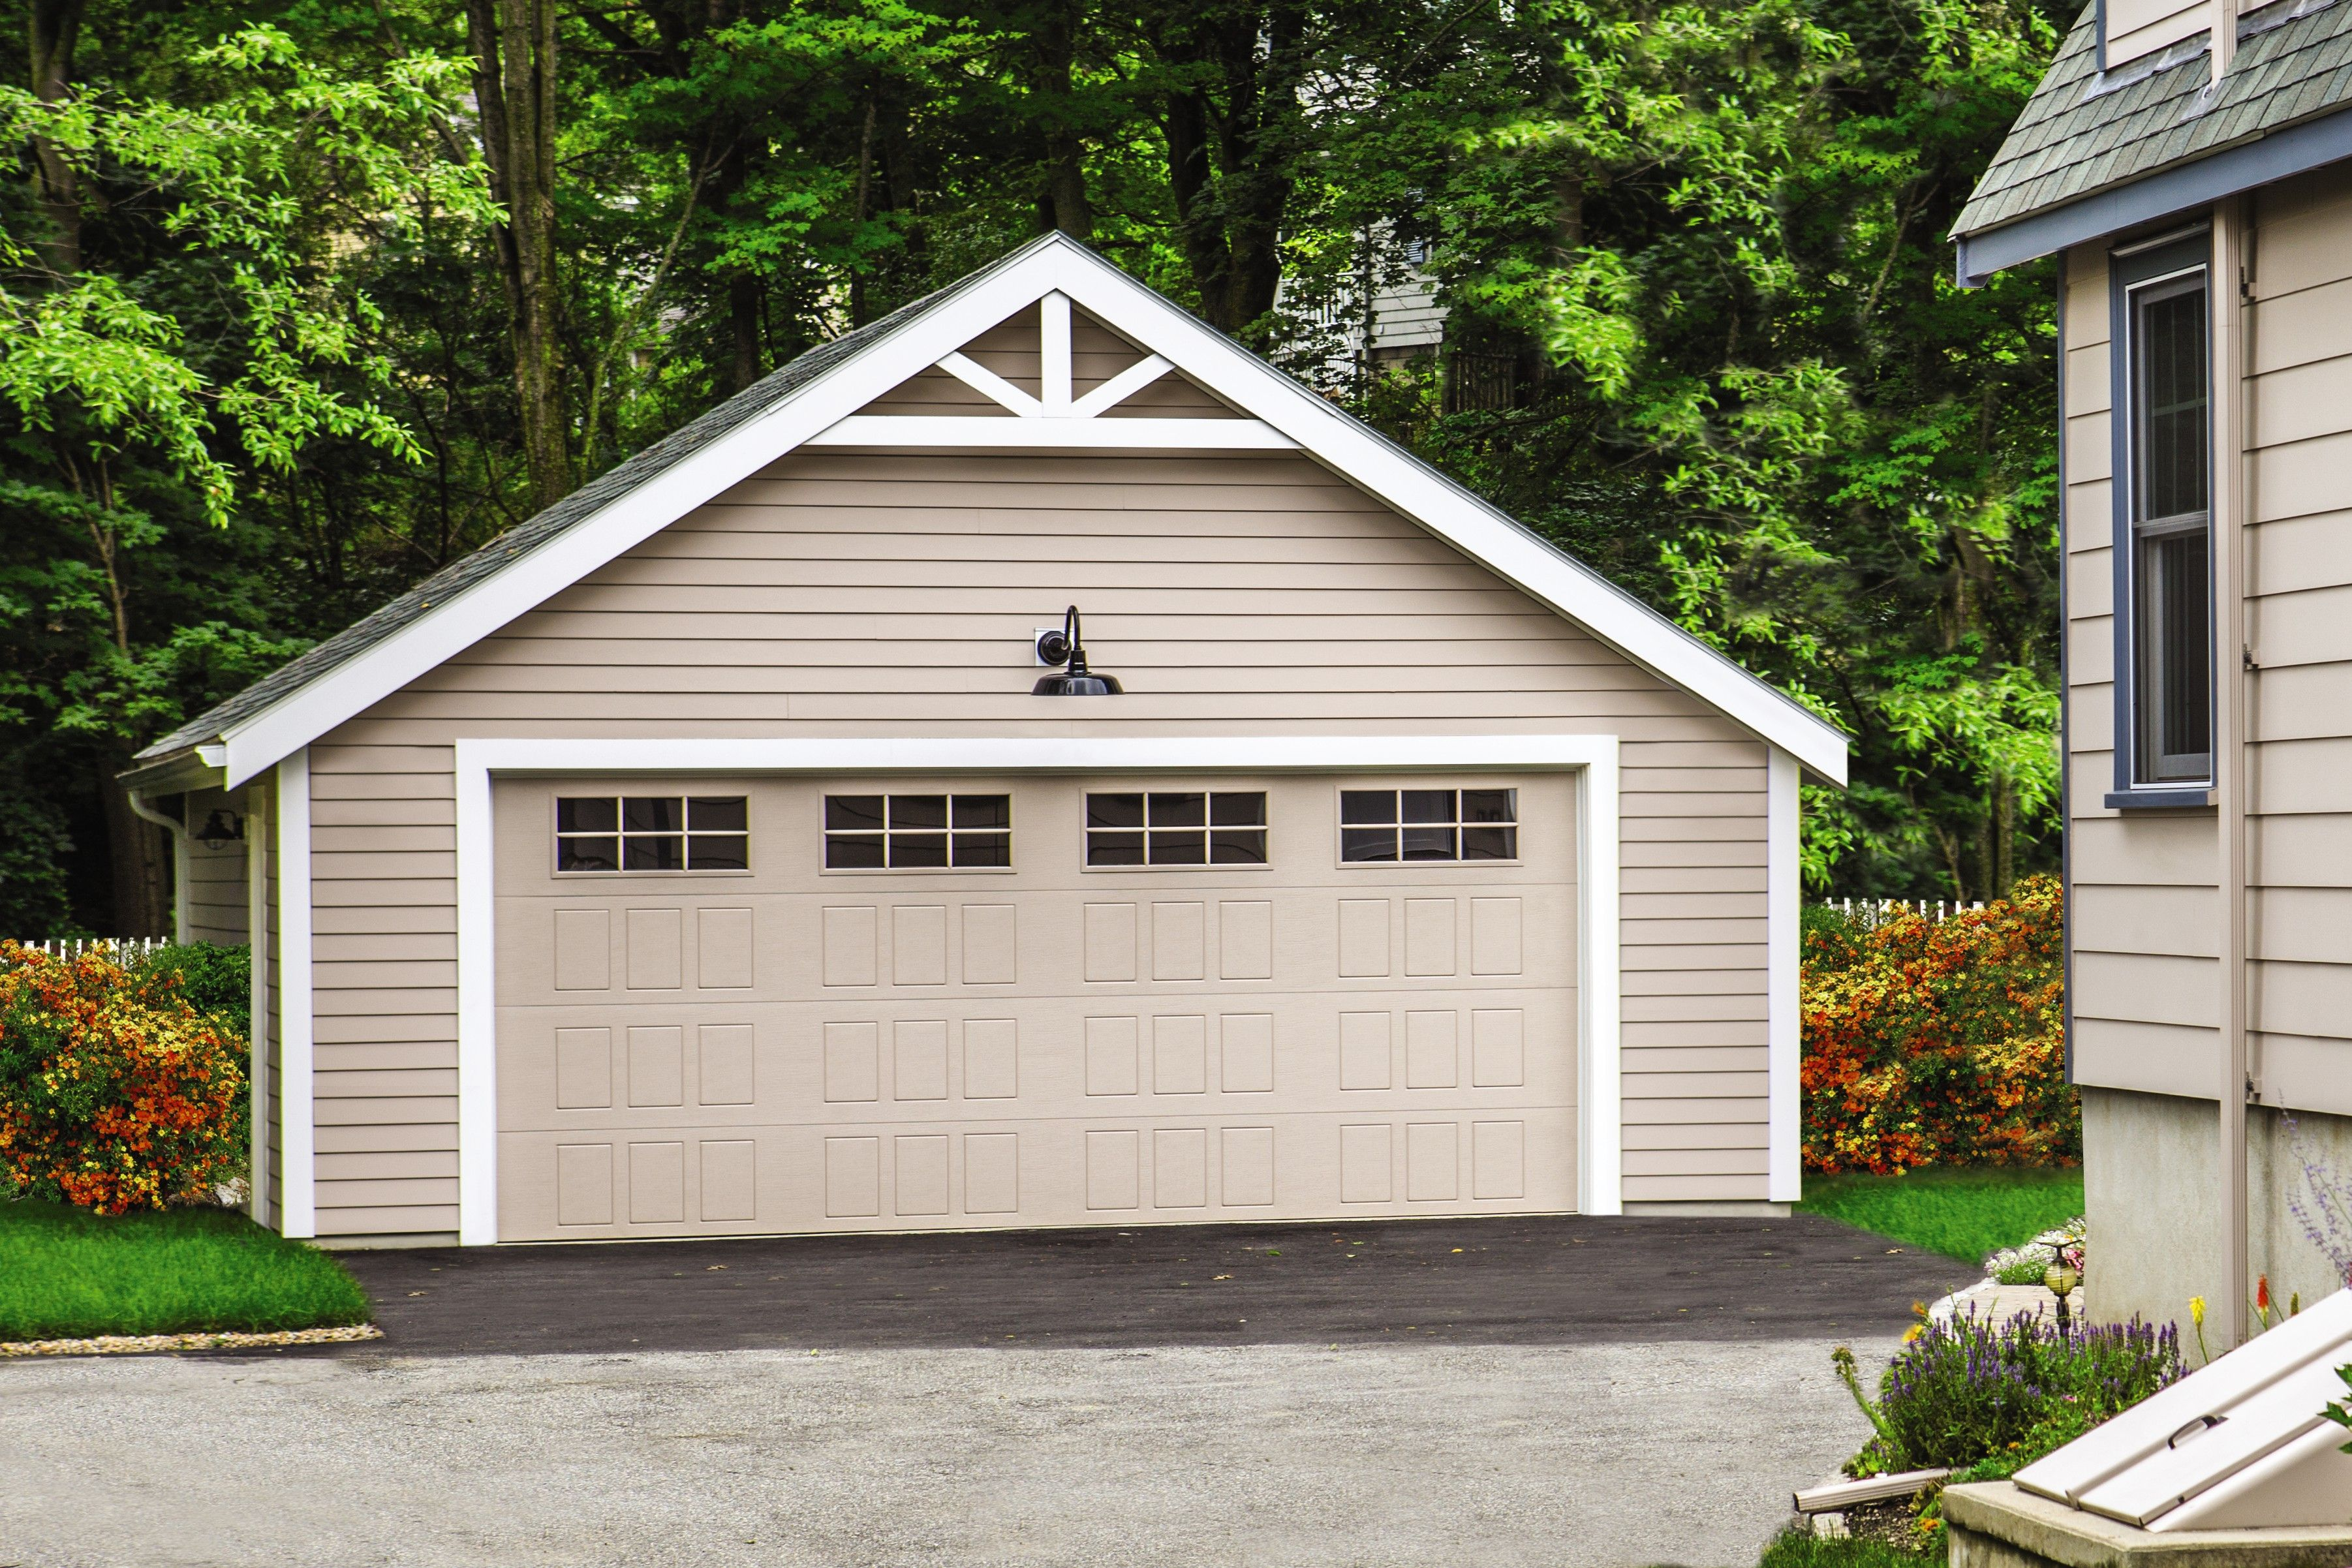 Unconnected Garage With A Designer Steel Garage Door In 2020 Steel Garage Doors Wayne Dalton Garage Doors Garage